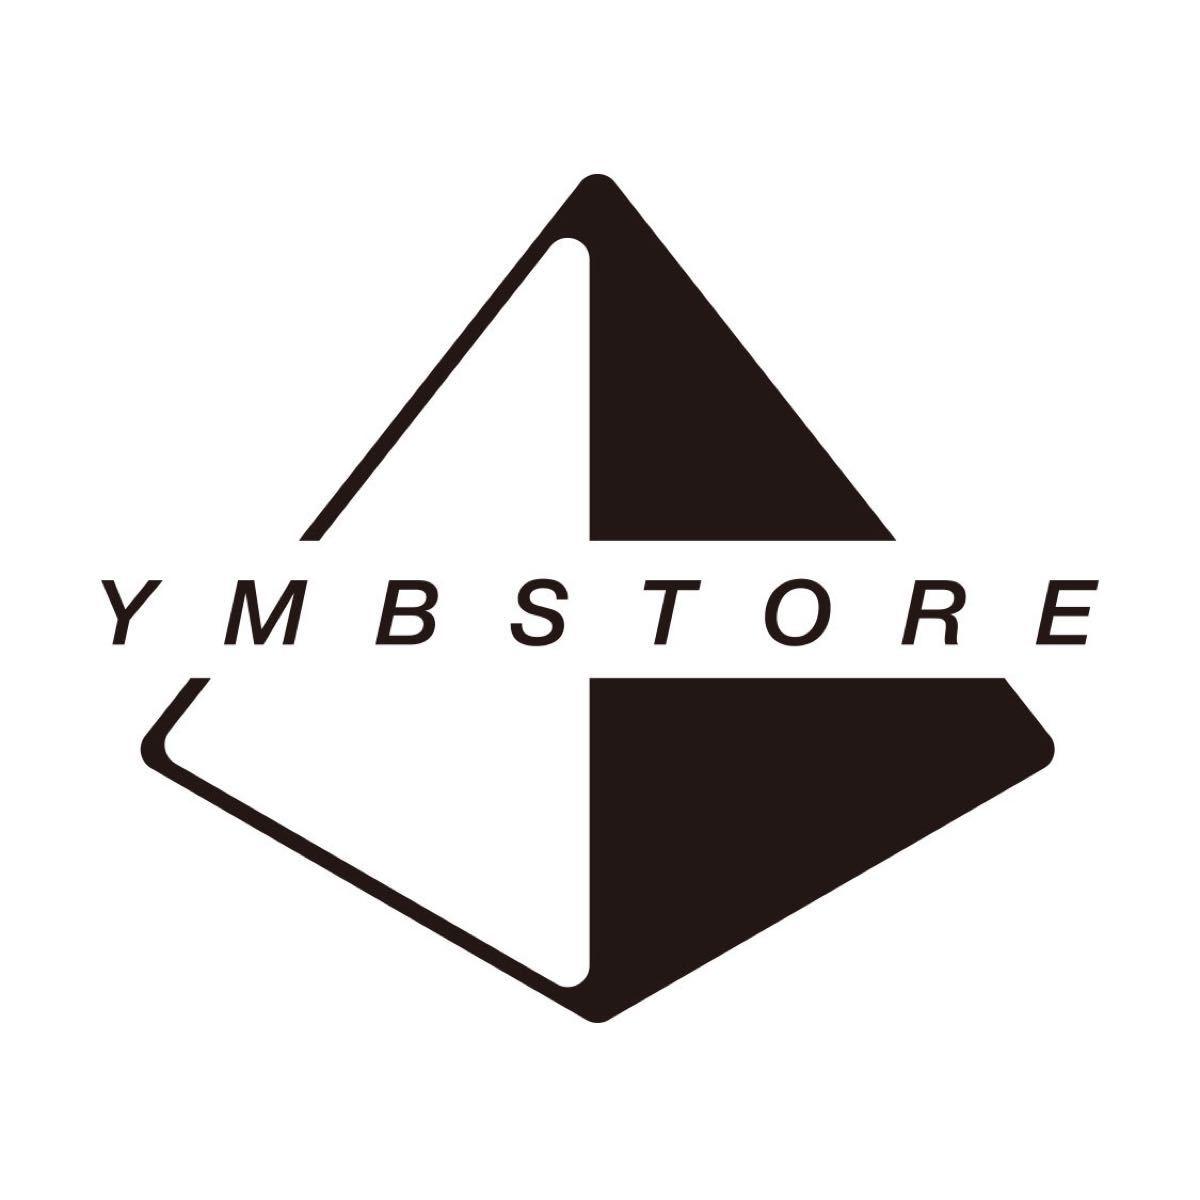 YMB STORE アウトドア 折りたたみ テーブル キャンプ コールマン